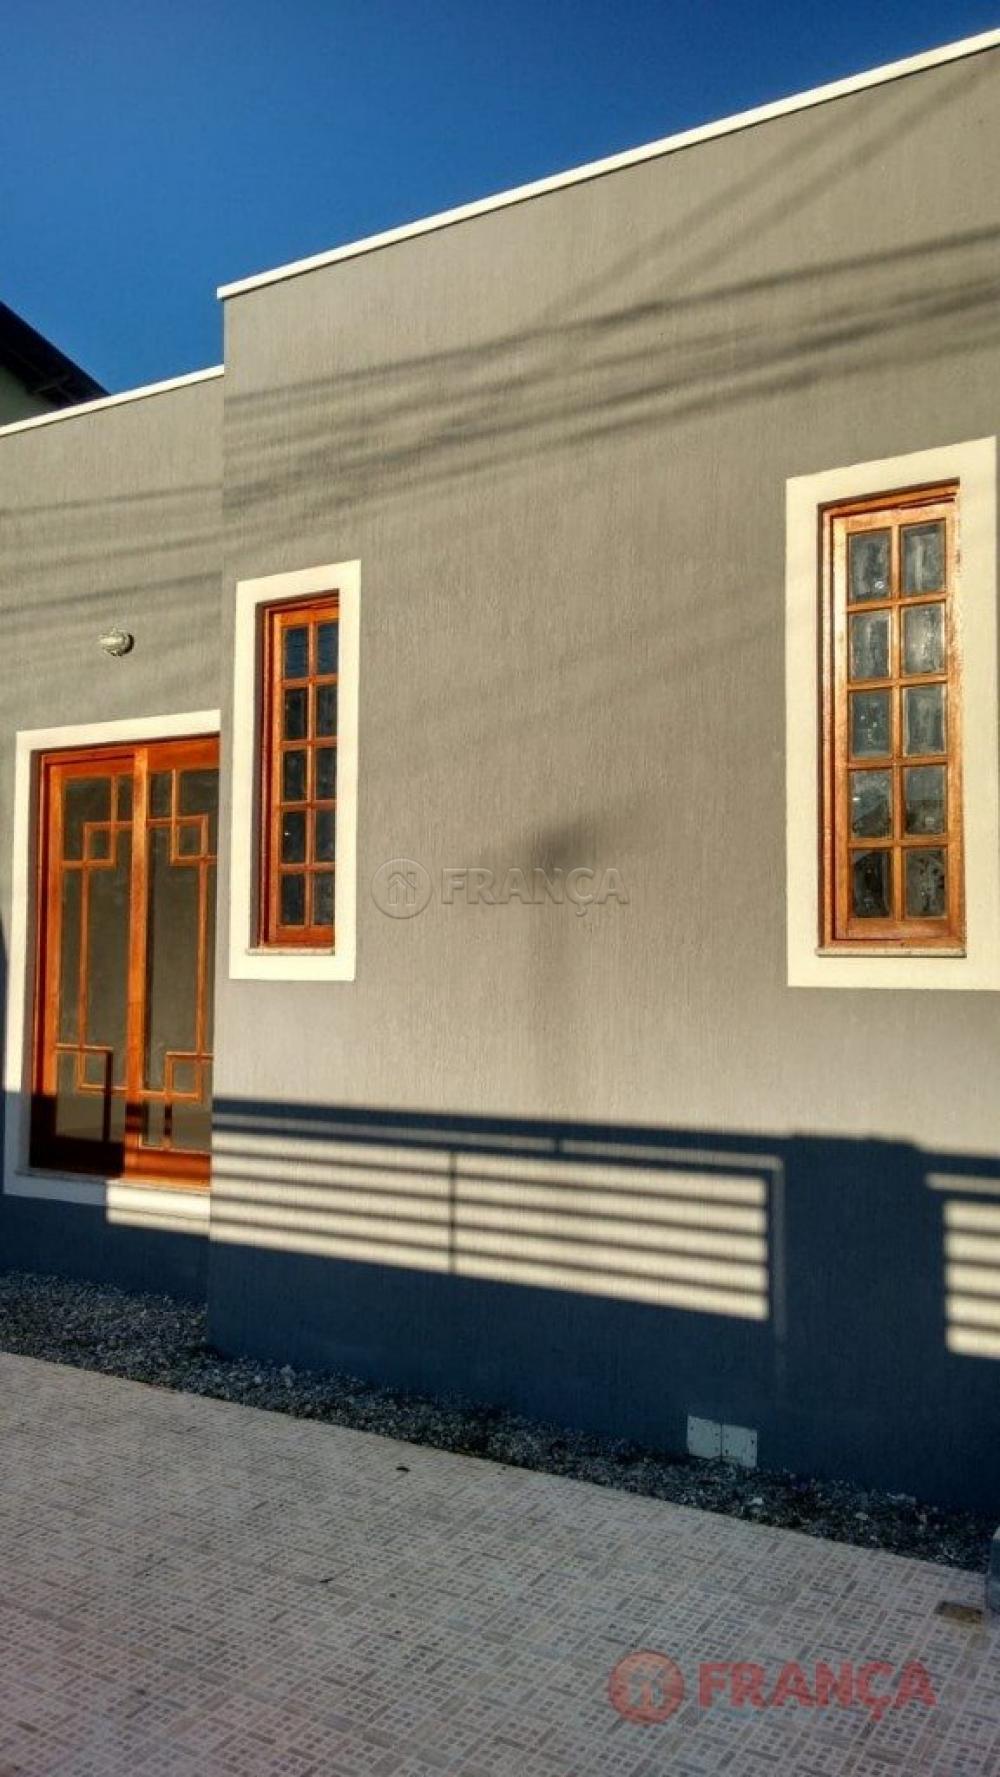 Comprar Casa / Padrão em Jacareí apenas R$ 265.000,00 - Foto 23